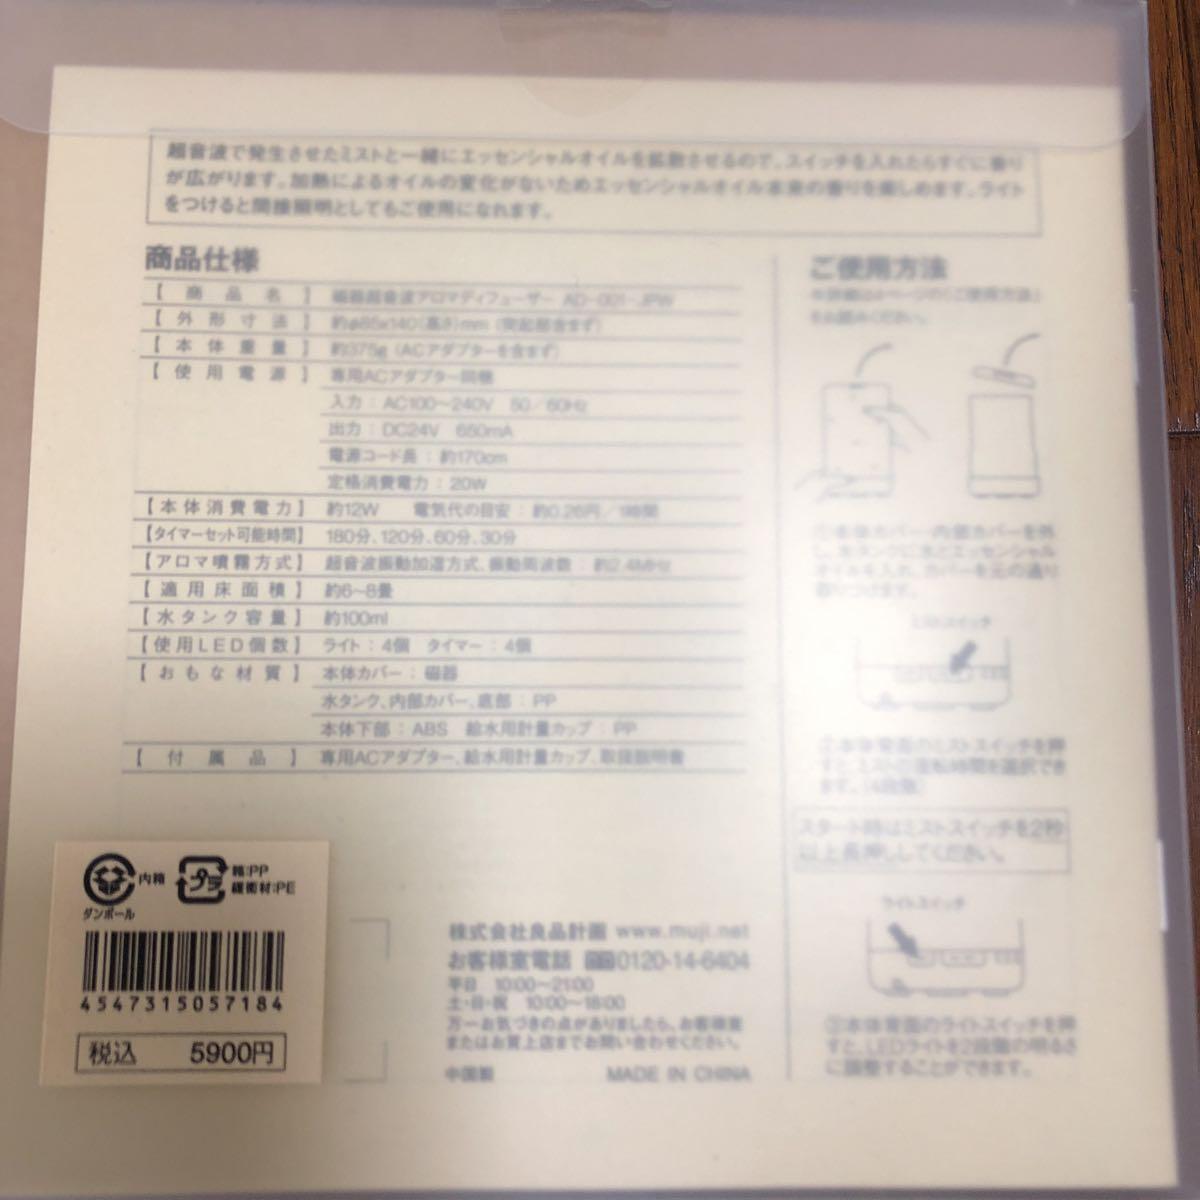 無印良品 超音波アロマディフューザー・数量限定お買い得セット+オイル単品2種類 1円~